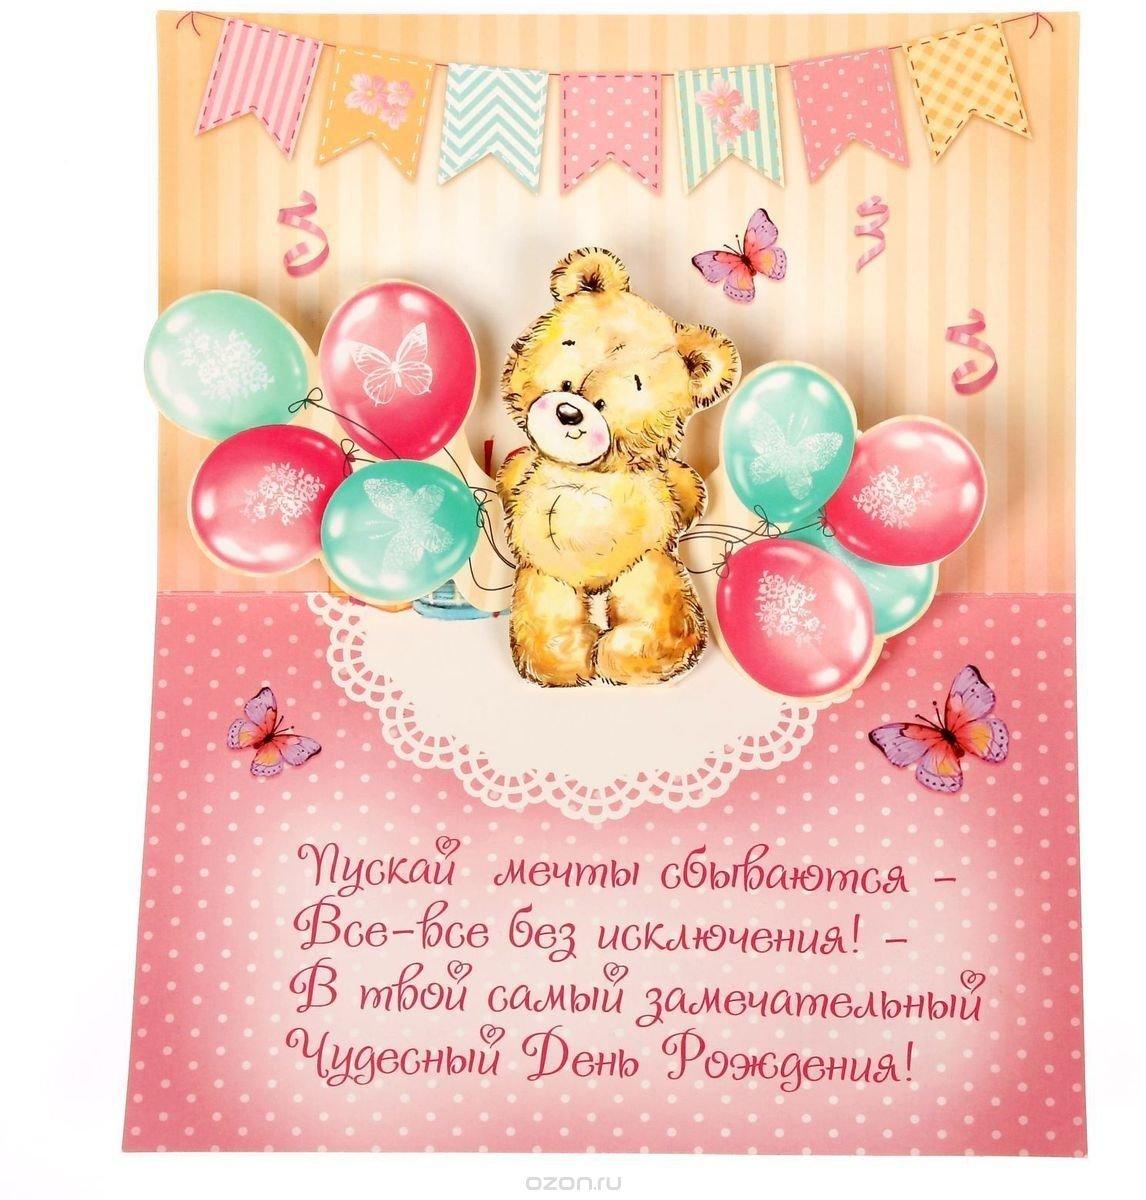 Качественные открытки ко дню рождению ребенка, большие цветы открытки